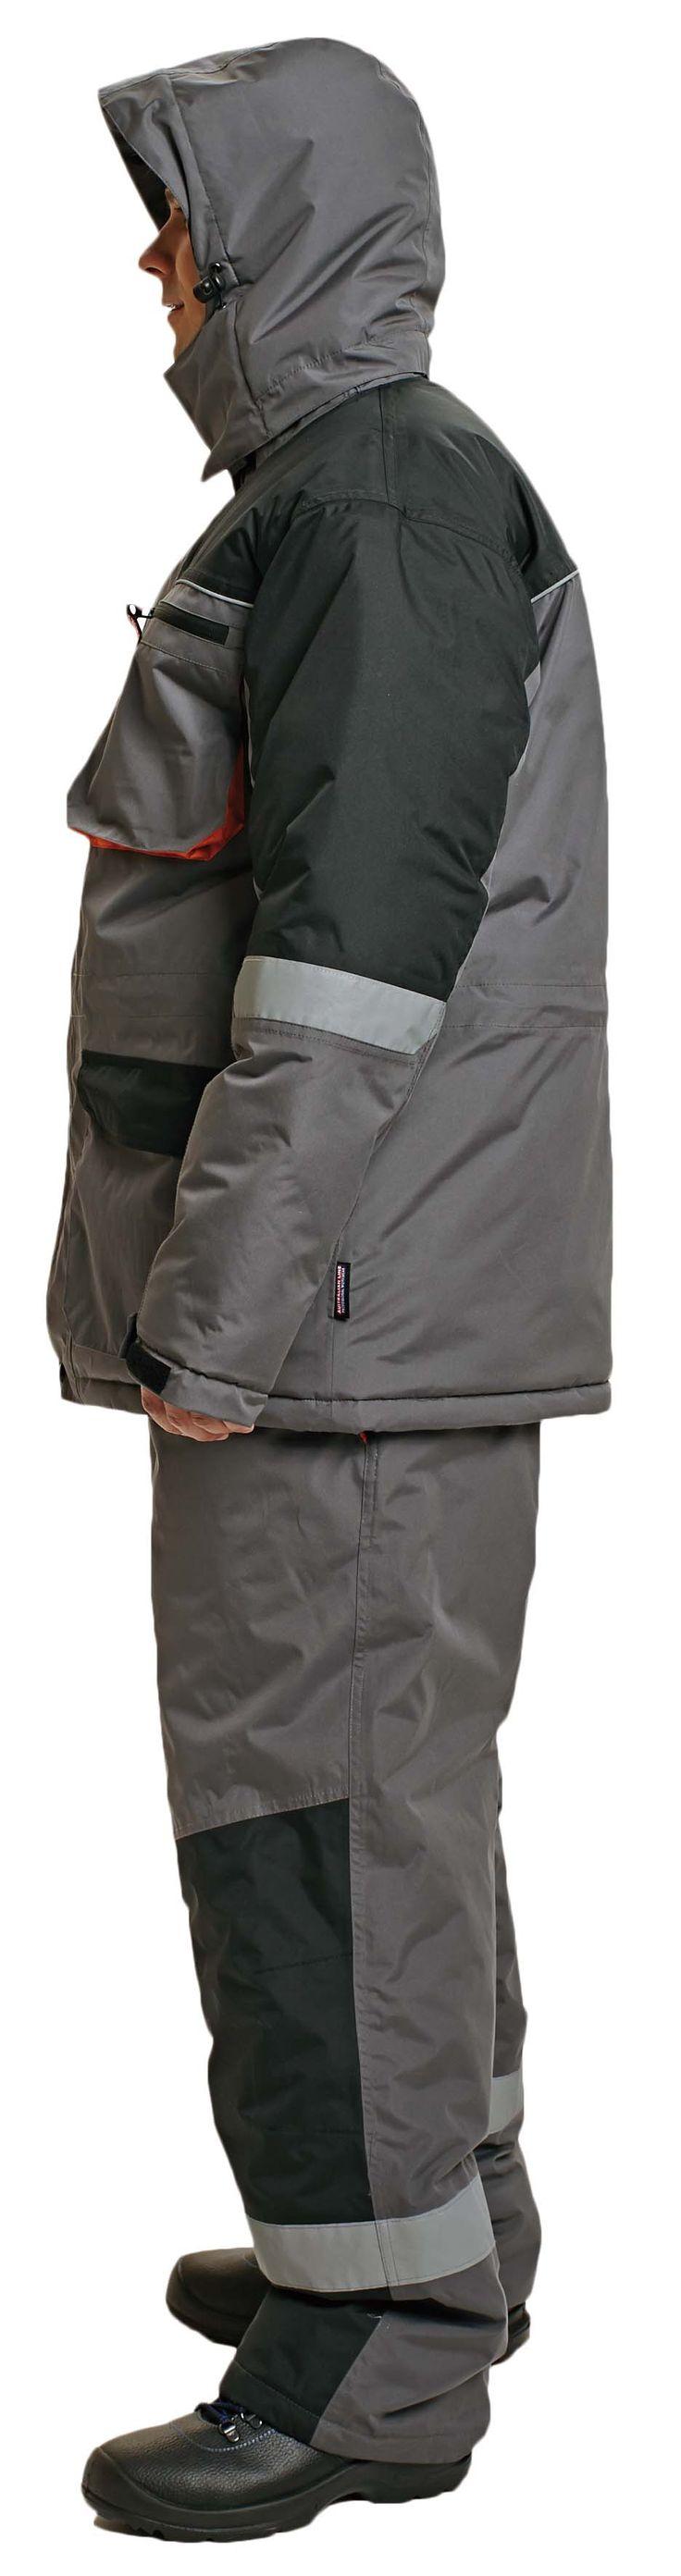 Kurtka o wygodnym i funkcjonalnym kroju dostosowanym do intensywnej pracy w warunkach zimowych. Mankiety w formie elastycznych ściągaczy zapobiegają wywiewaniu ciepła.